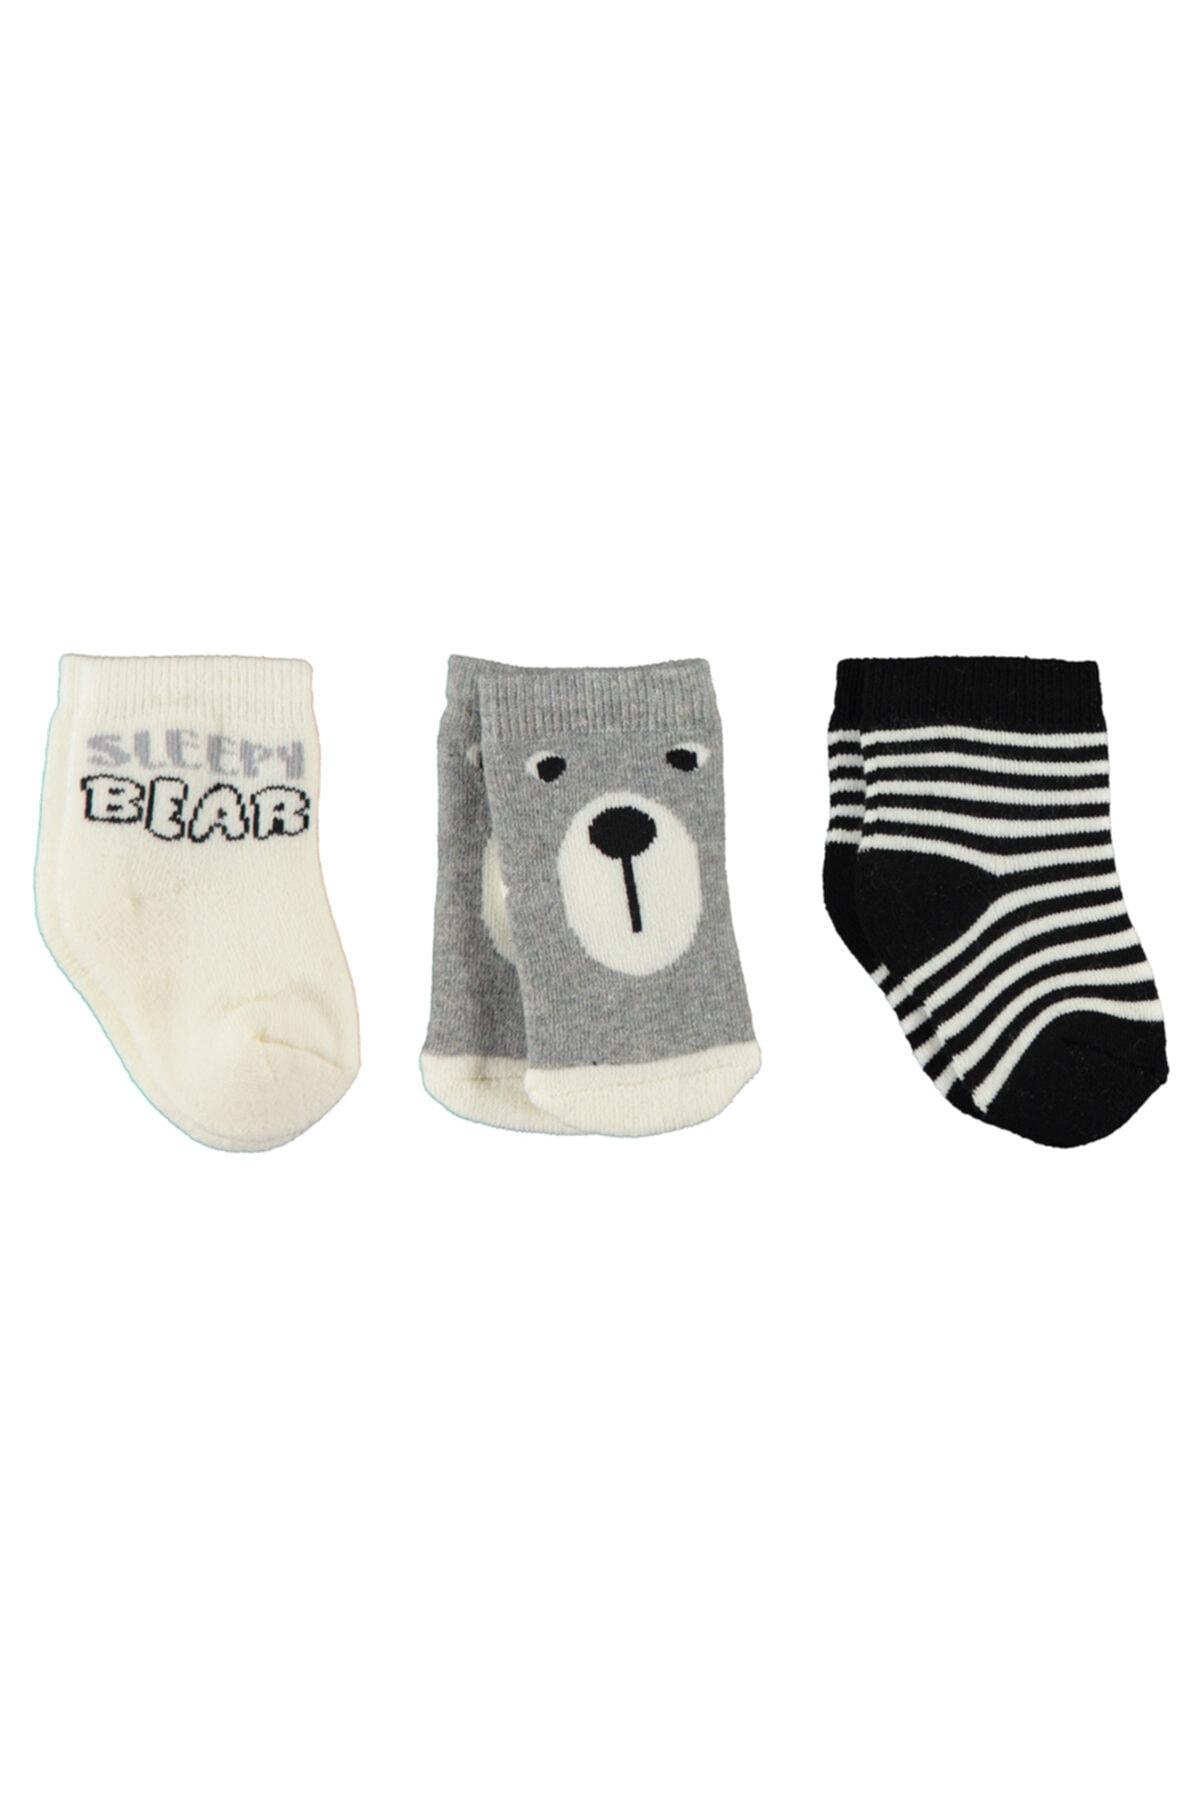 Civil Baby Erkek Bebek 3'lü Çorap 0-24 Ay Siyah-ekru 1